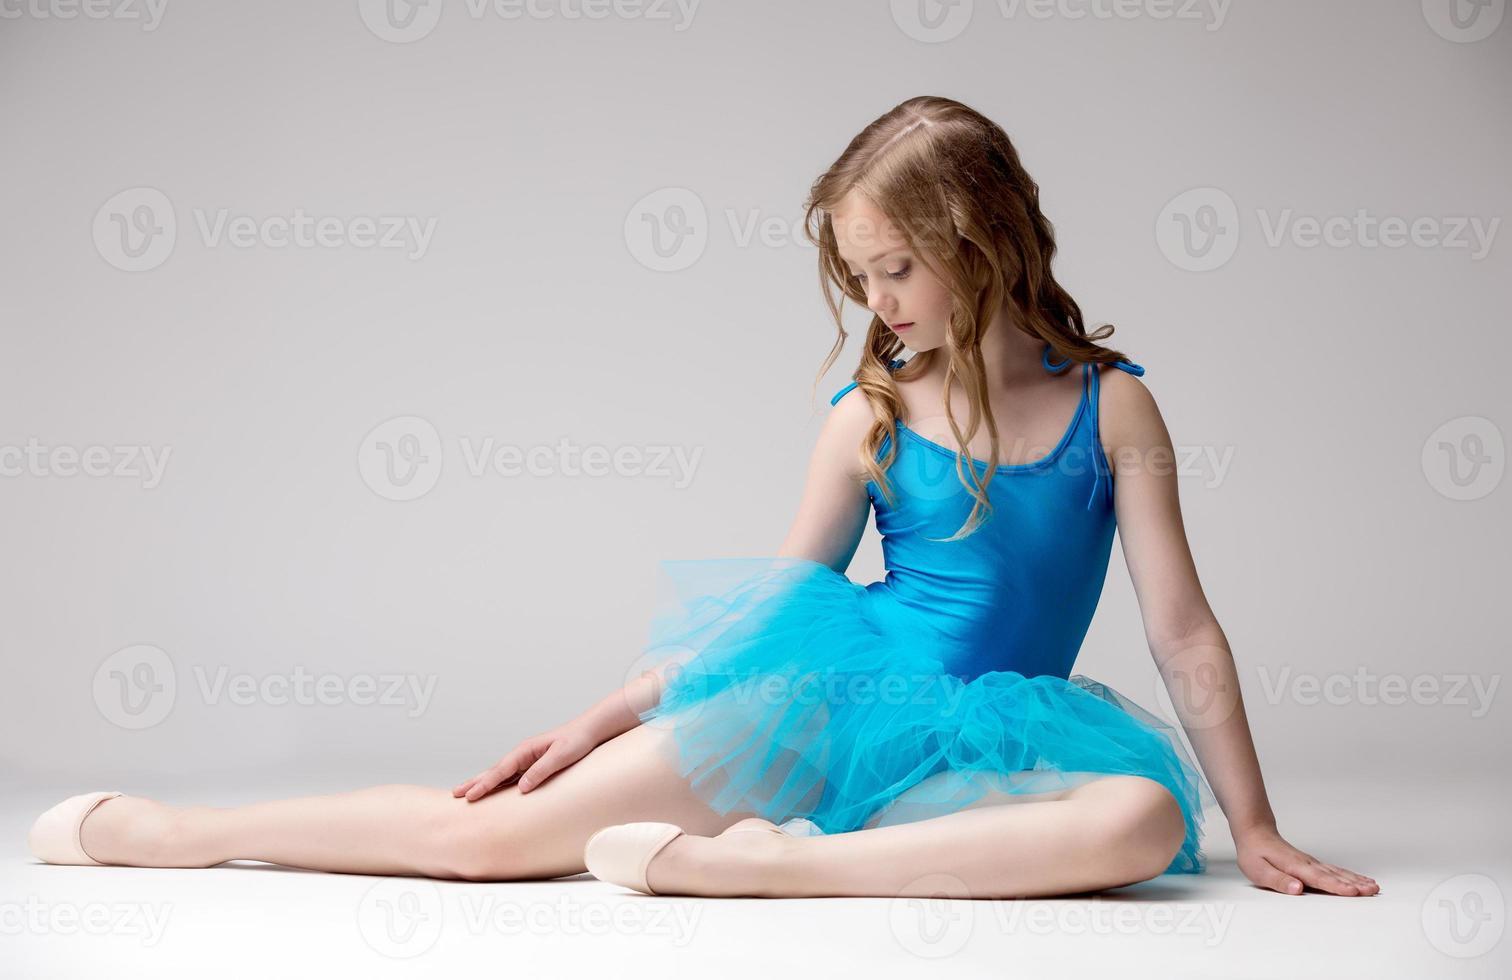 nette kleine Ballerina in blauem Tutu gekleidet foto